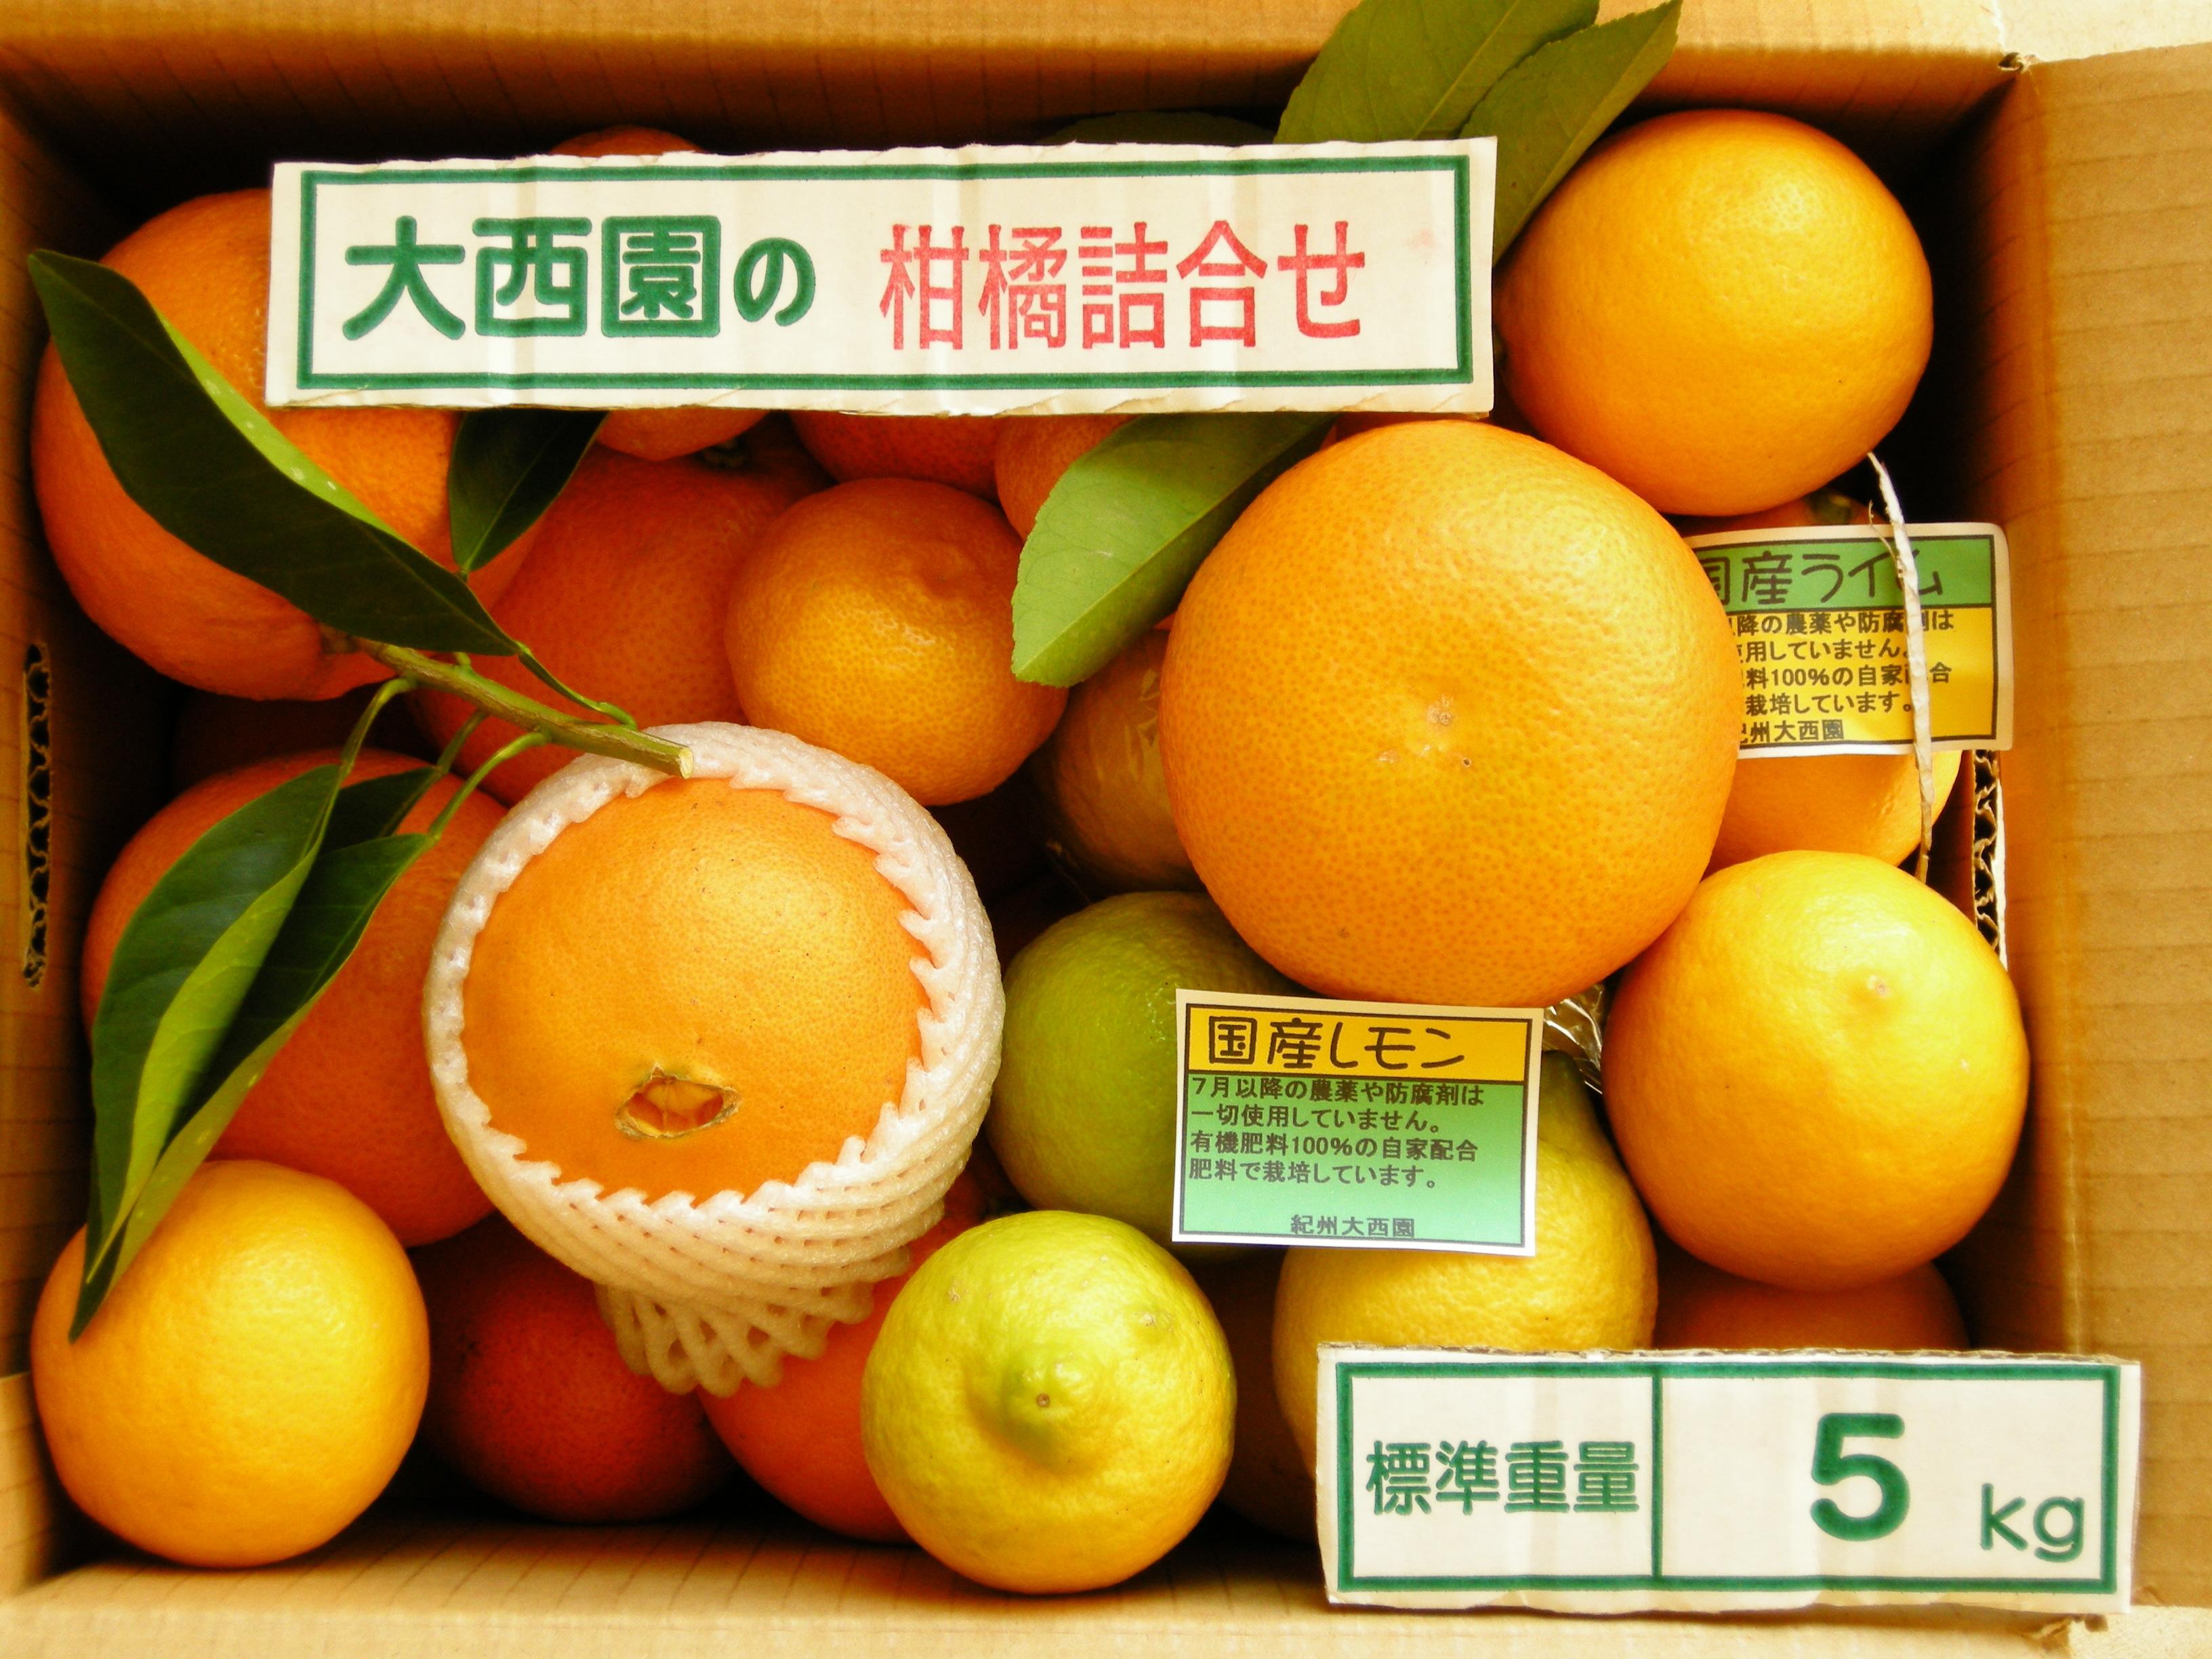 紀州大西園の季節の柑橘詰め合わせおおまかせセット【誕生日 バースデー プレゼント 贈り物 ギフト お祝い】の画像1枚目